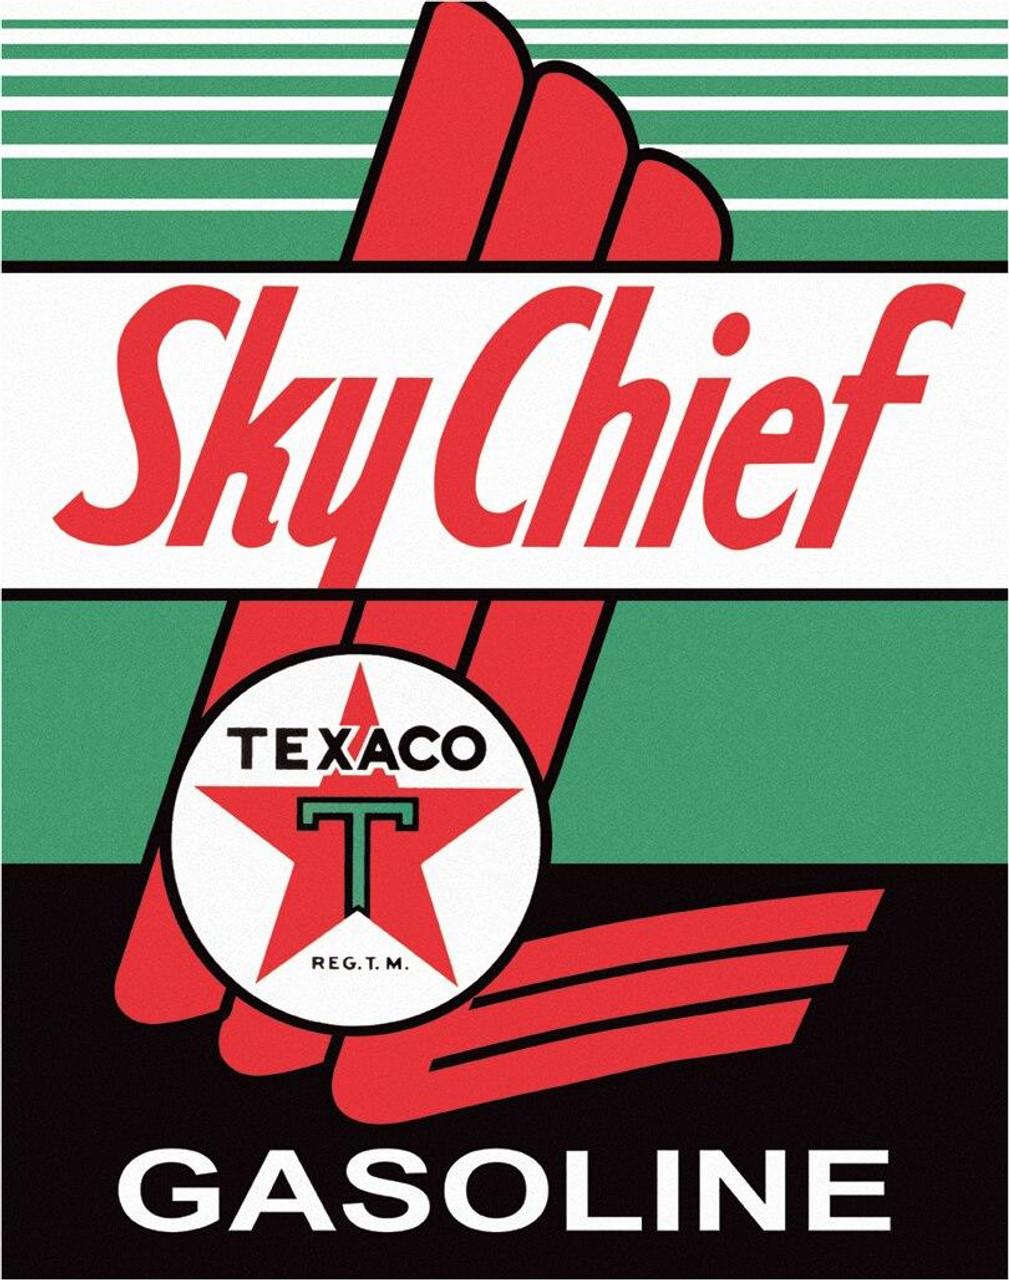 Texaco Texaco - Sky Chief